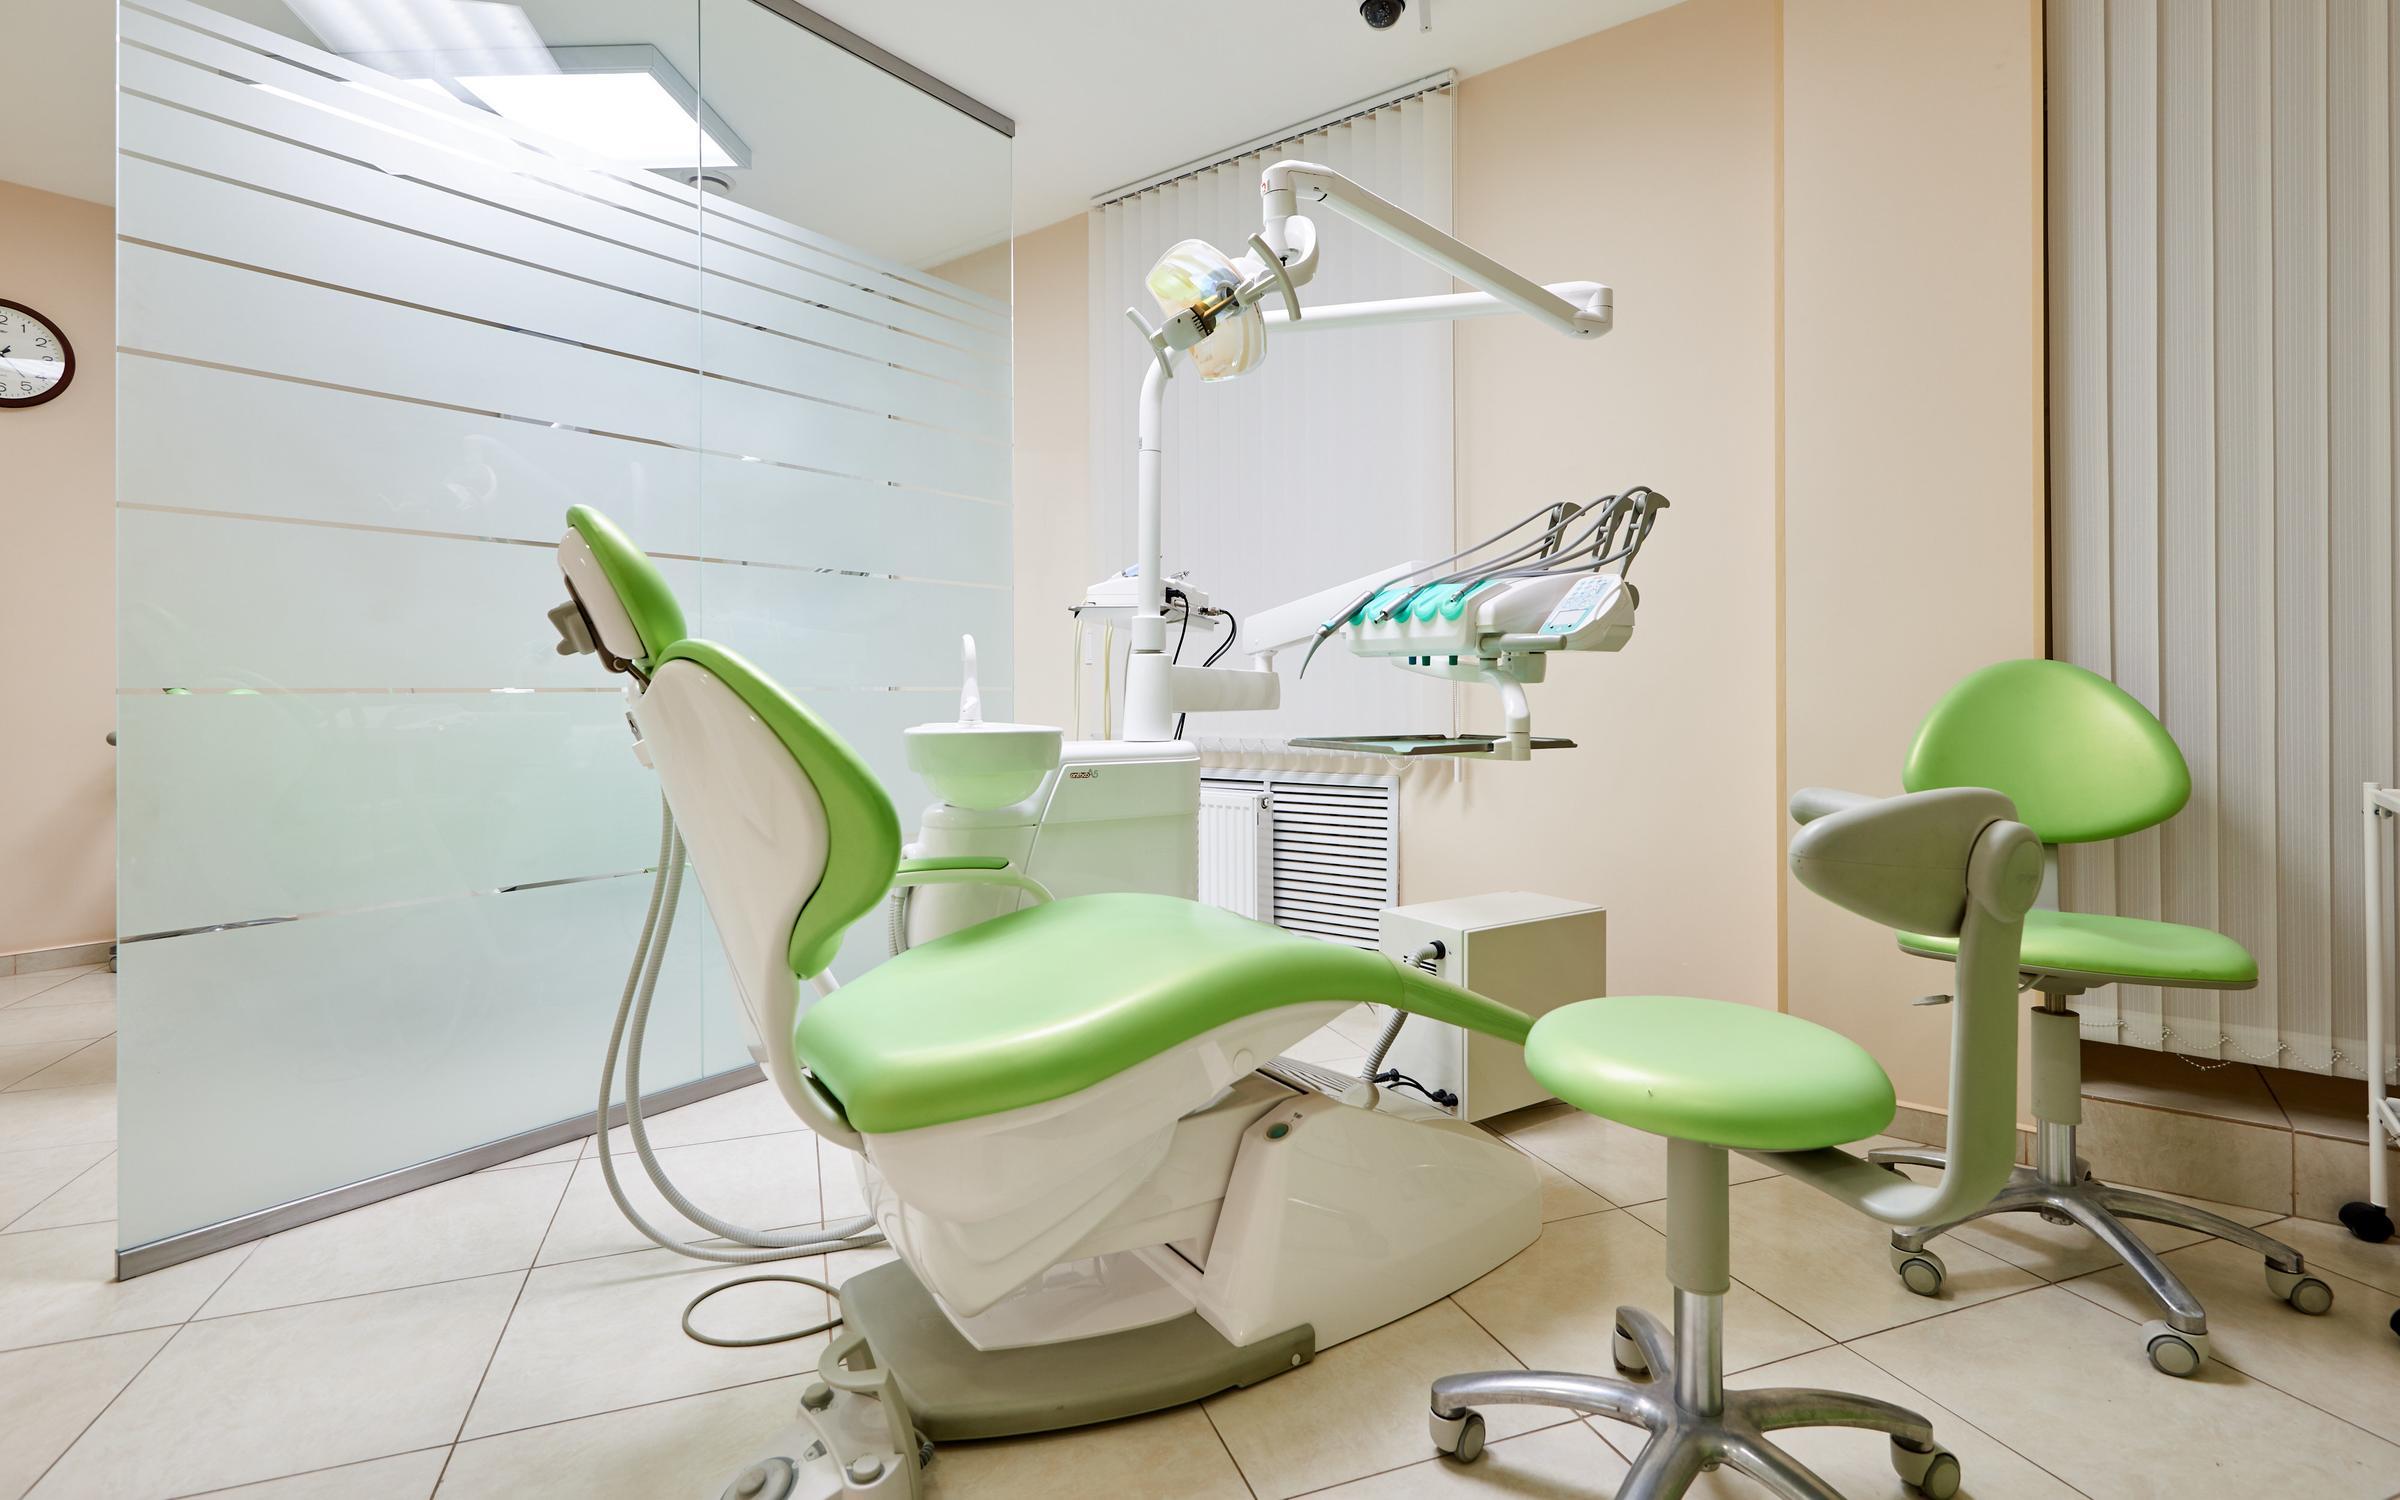 фотография Центра имплантации и стоматологии ИНТАН на Вознесенском проспекте